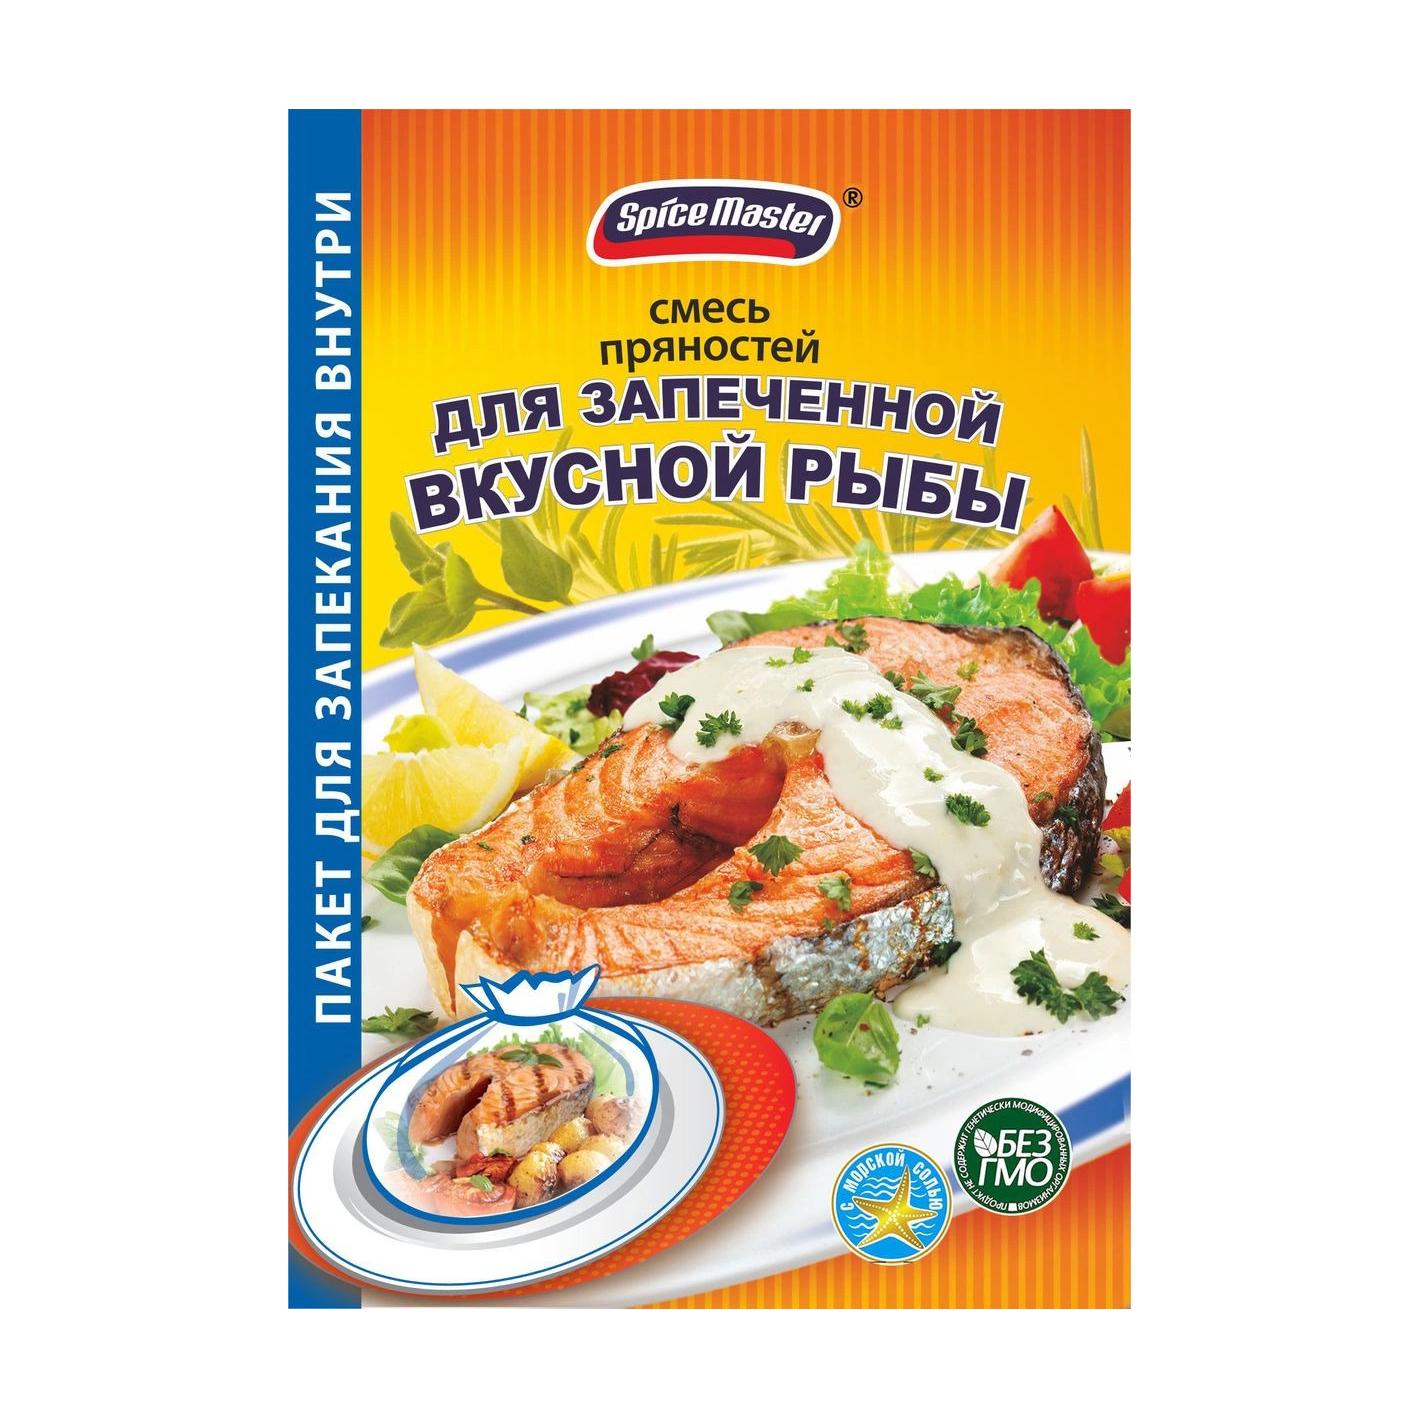 Смесь пряностей Spice Master для запеченной вкусной рыбы 30 г смесь перцев spice master 85 г